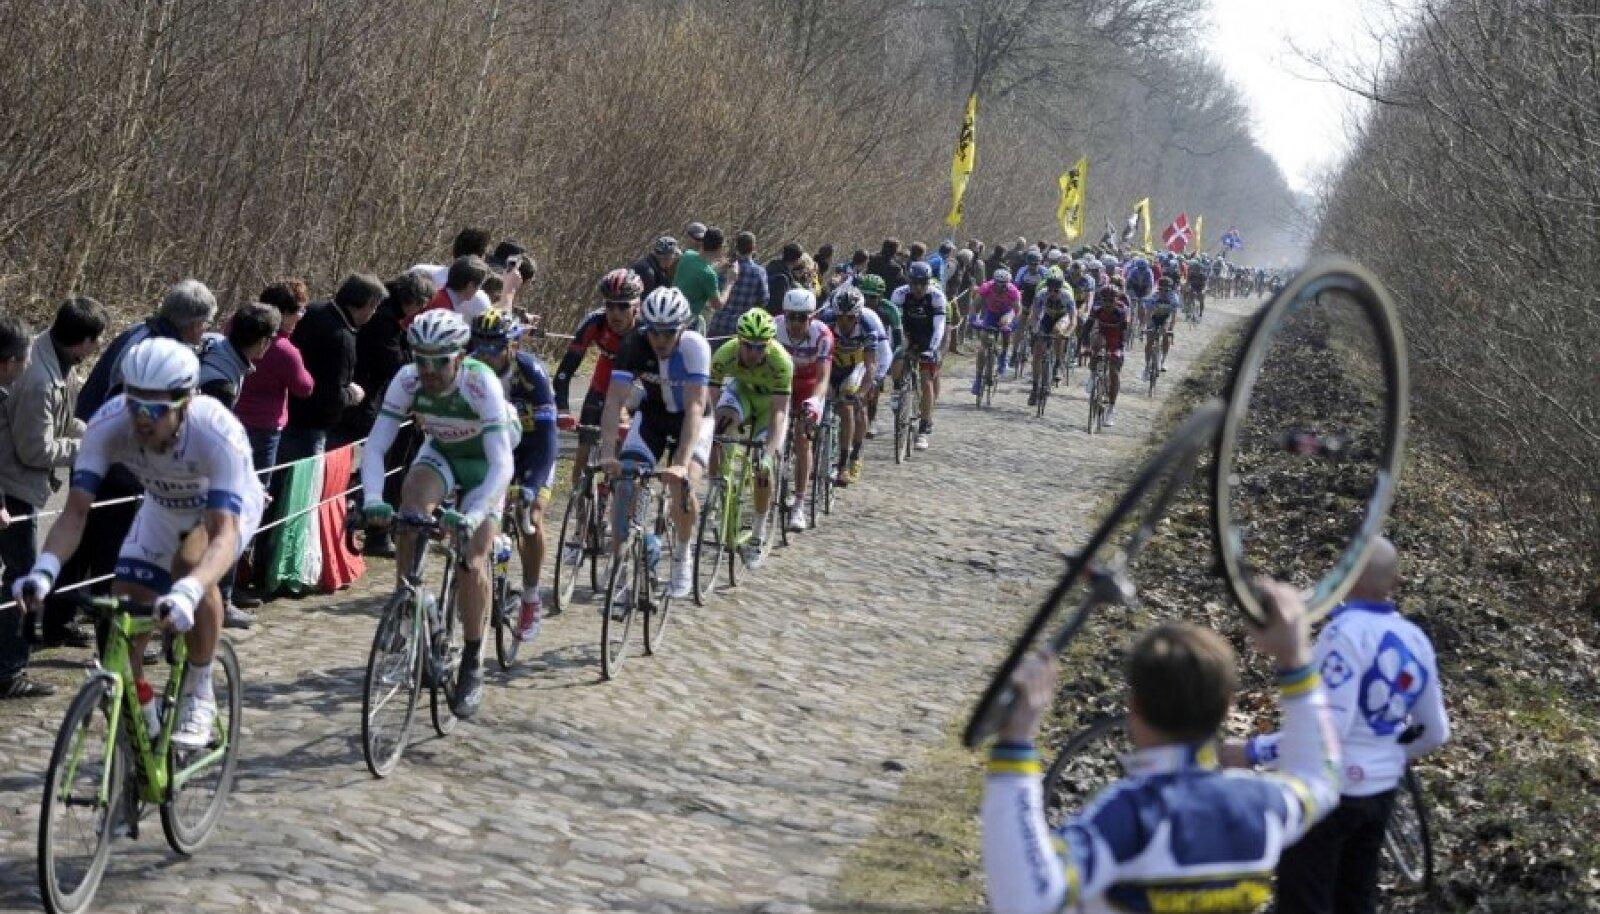 Munakivilõikudest tulvil Pariis-Roubaix võidusõit